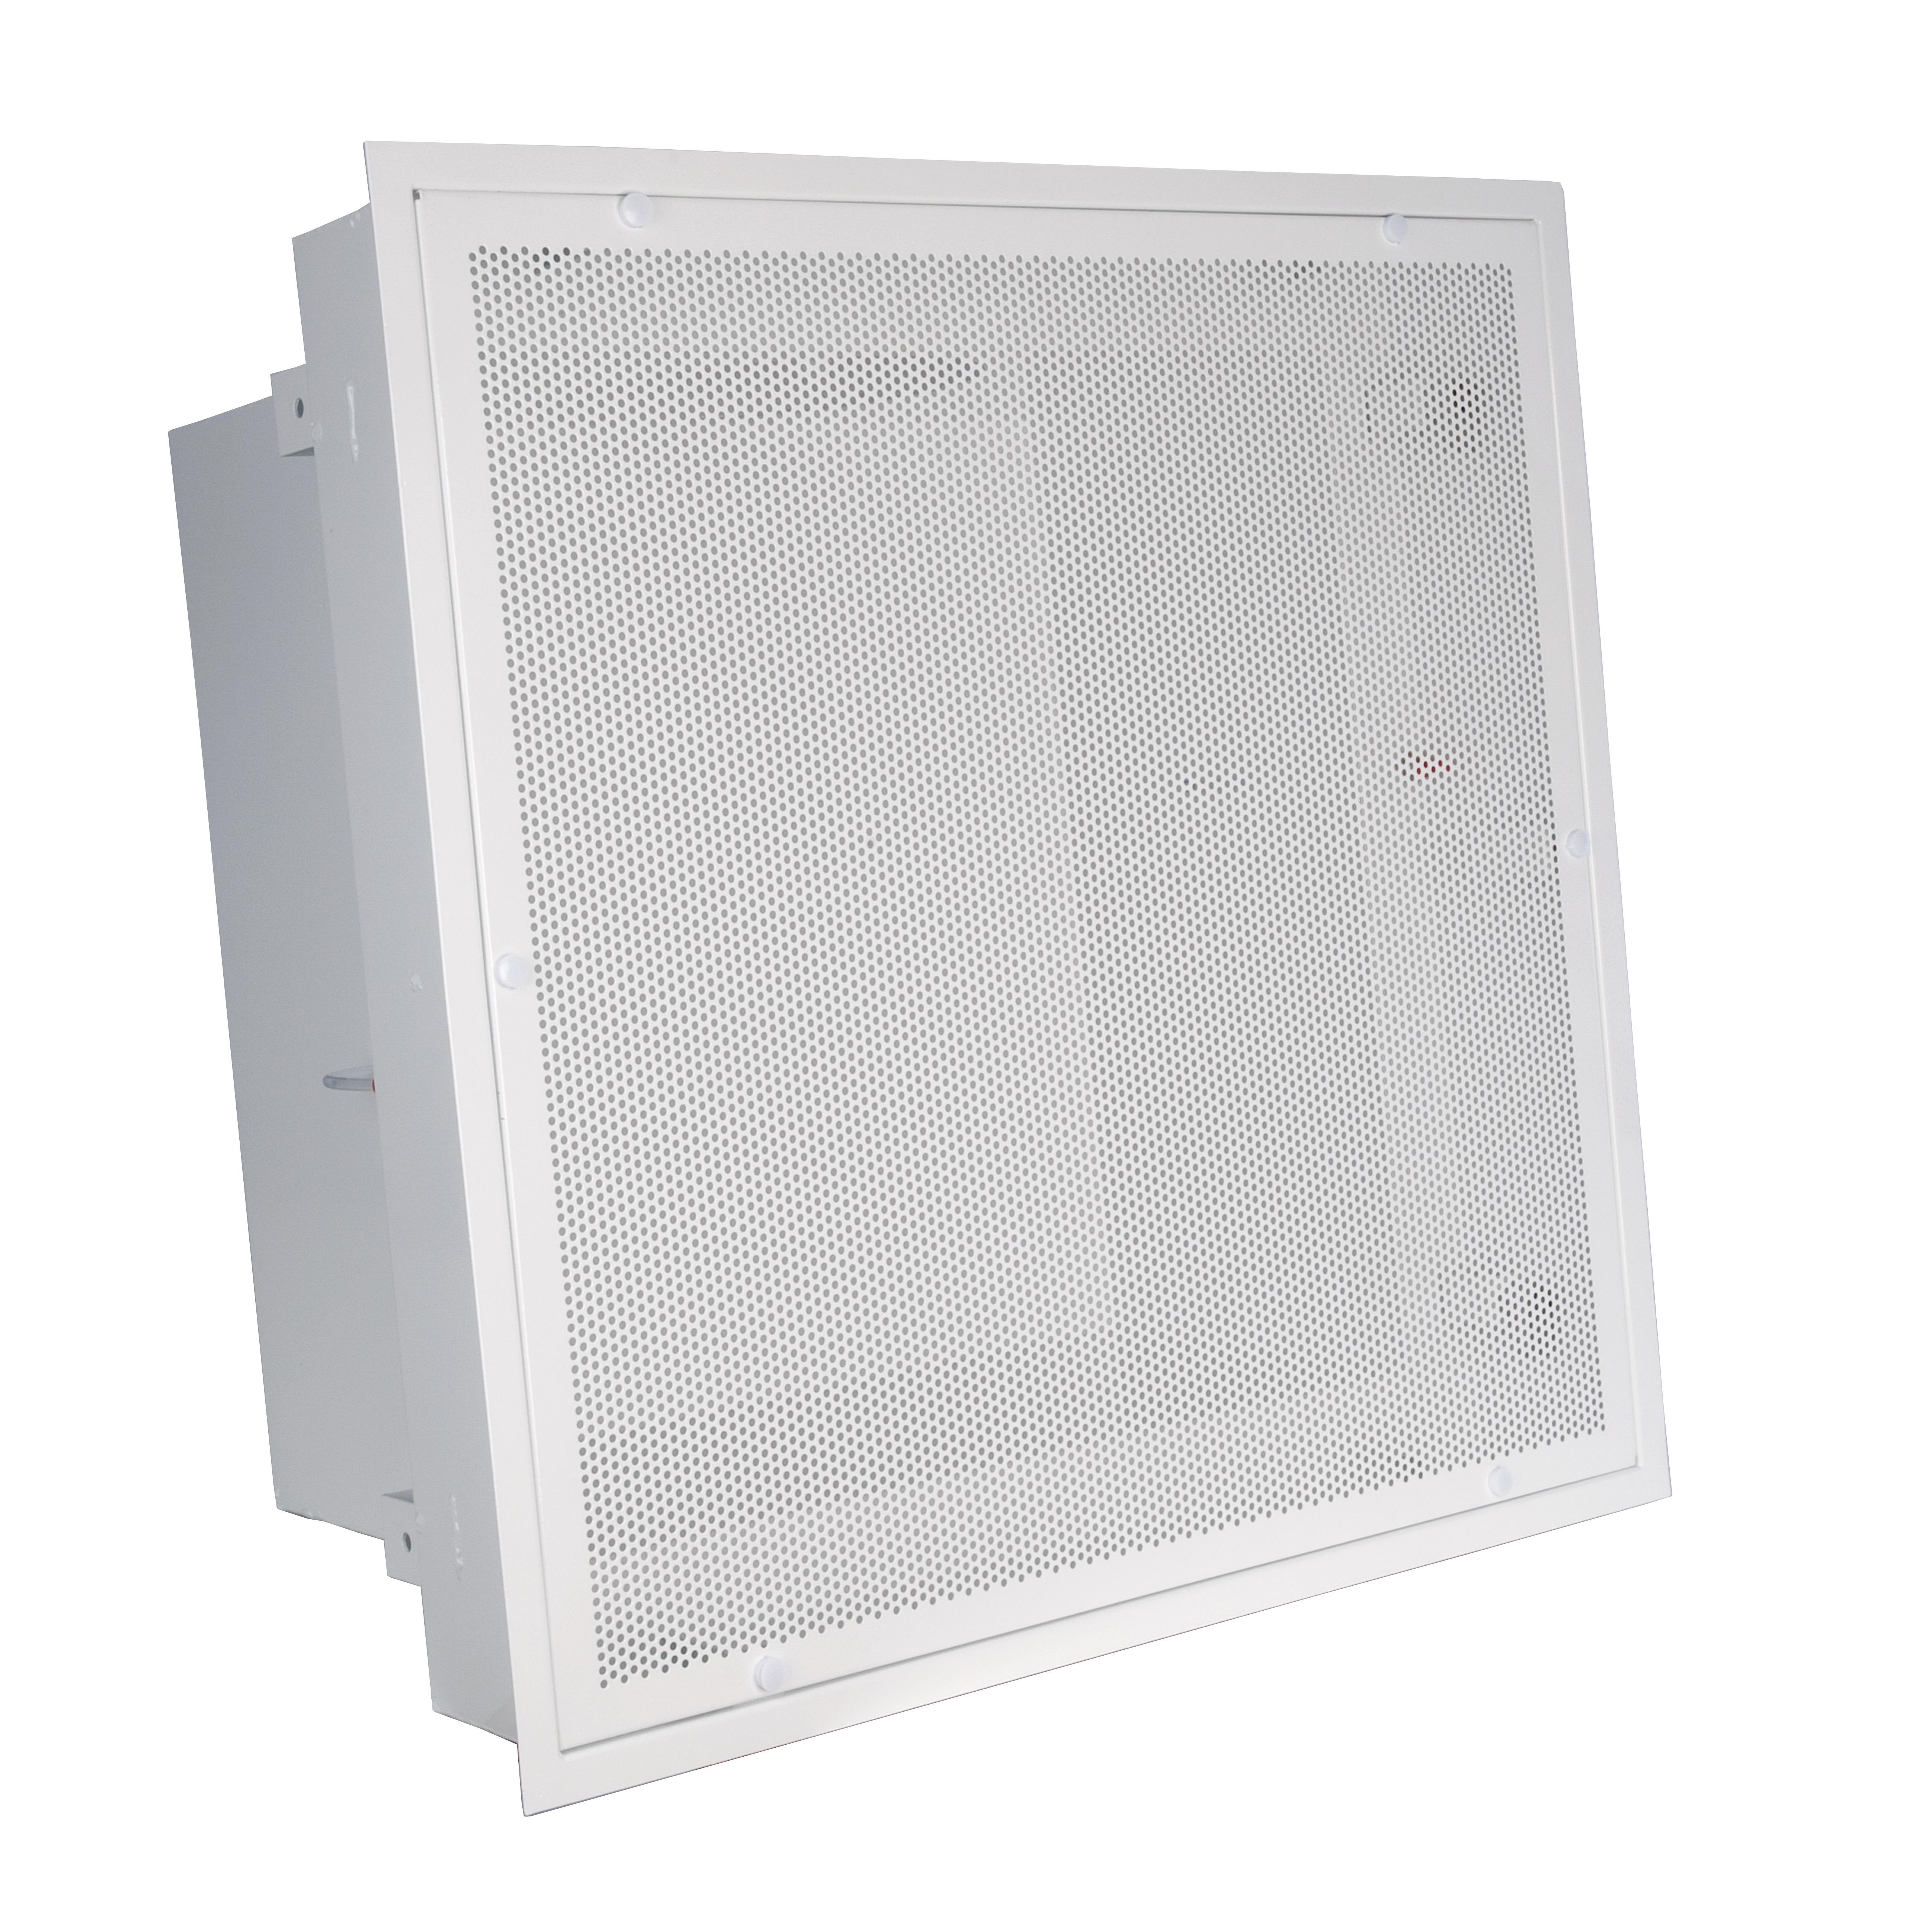 Cajón portafiltros con ventilador UNITERV